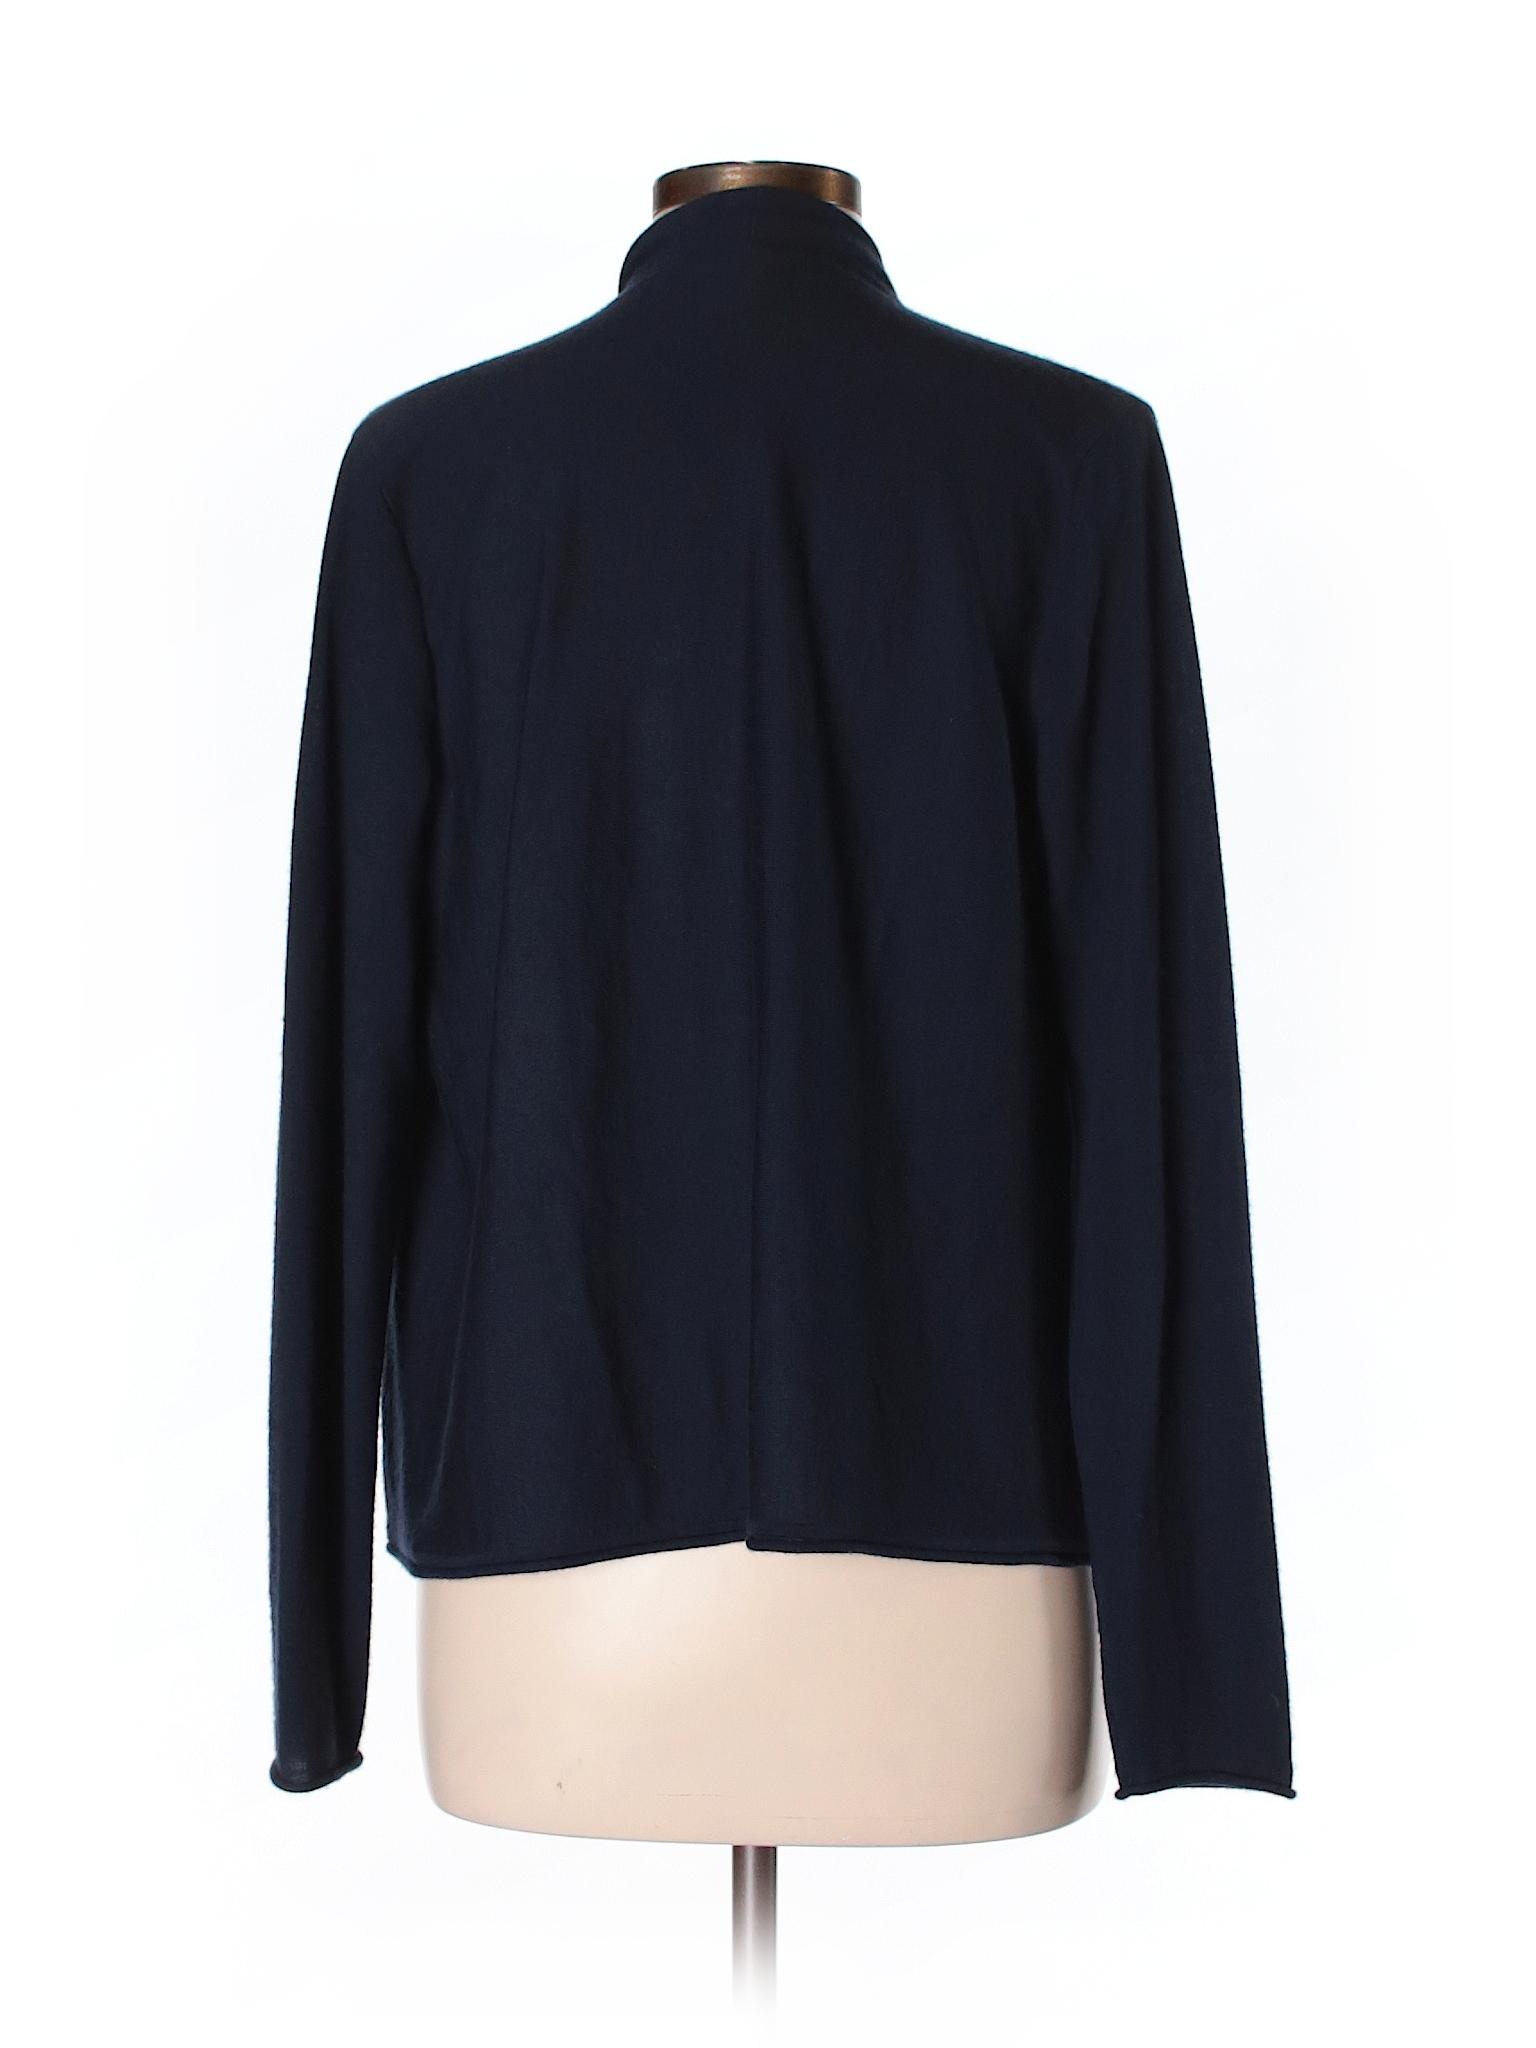 winter Lauren Label Ralph Boutique Cardigan Black Zx6wvqdv